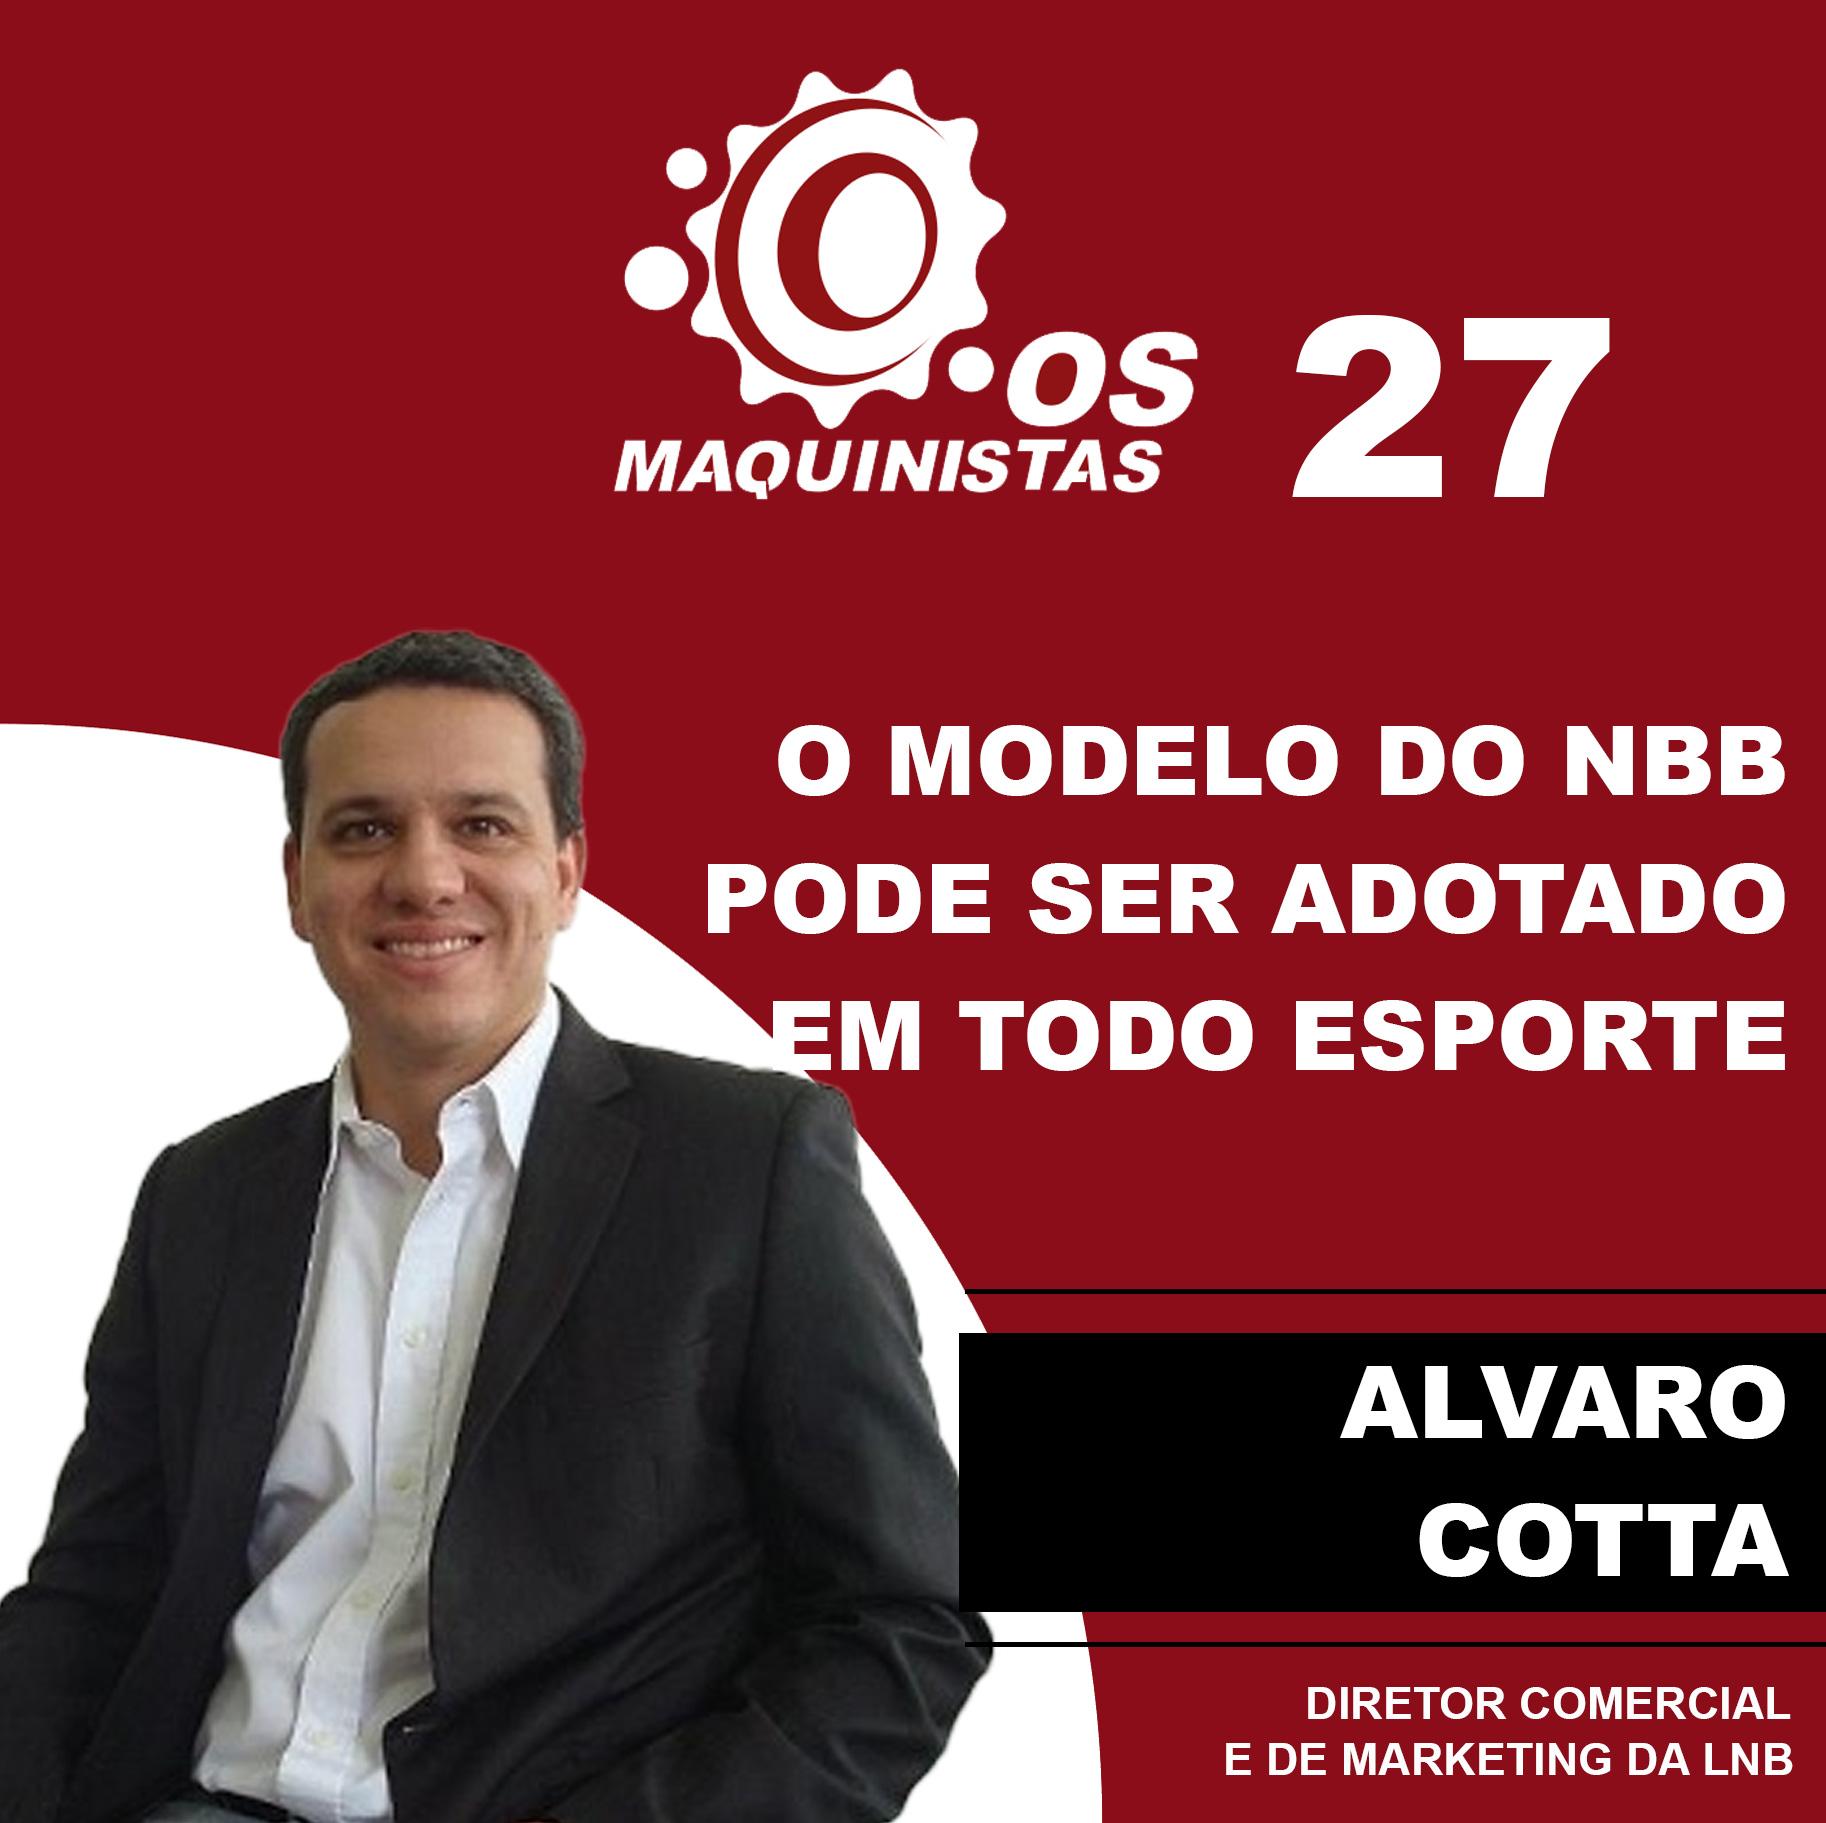 Os Maquinistas: Alvaro Cotta, diretor de marketing da LNB